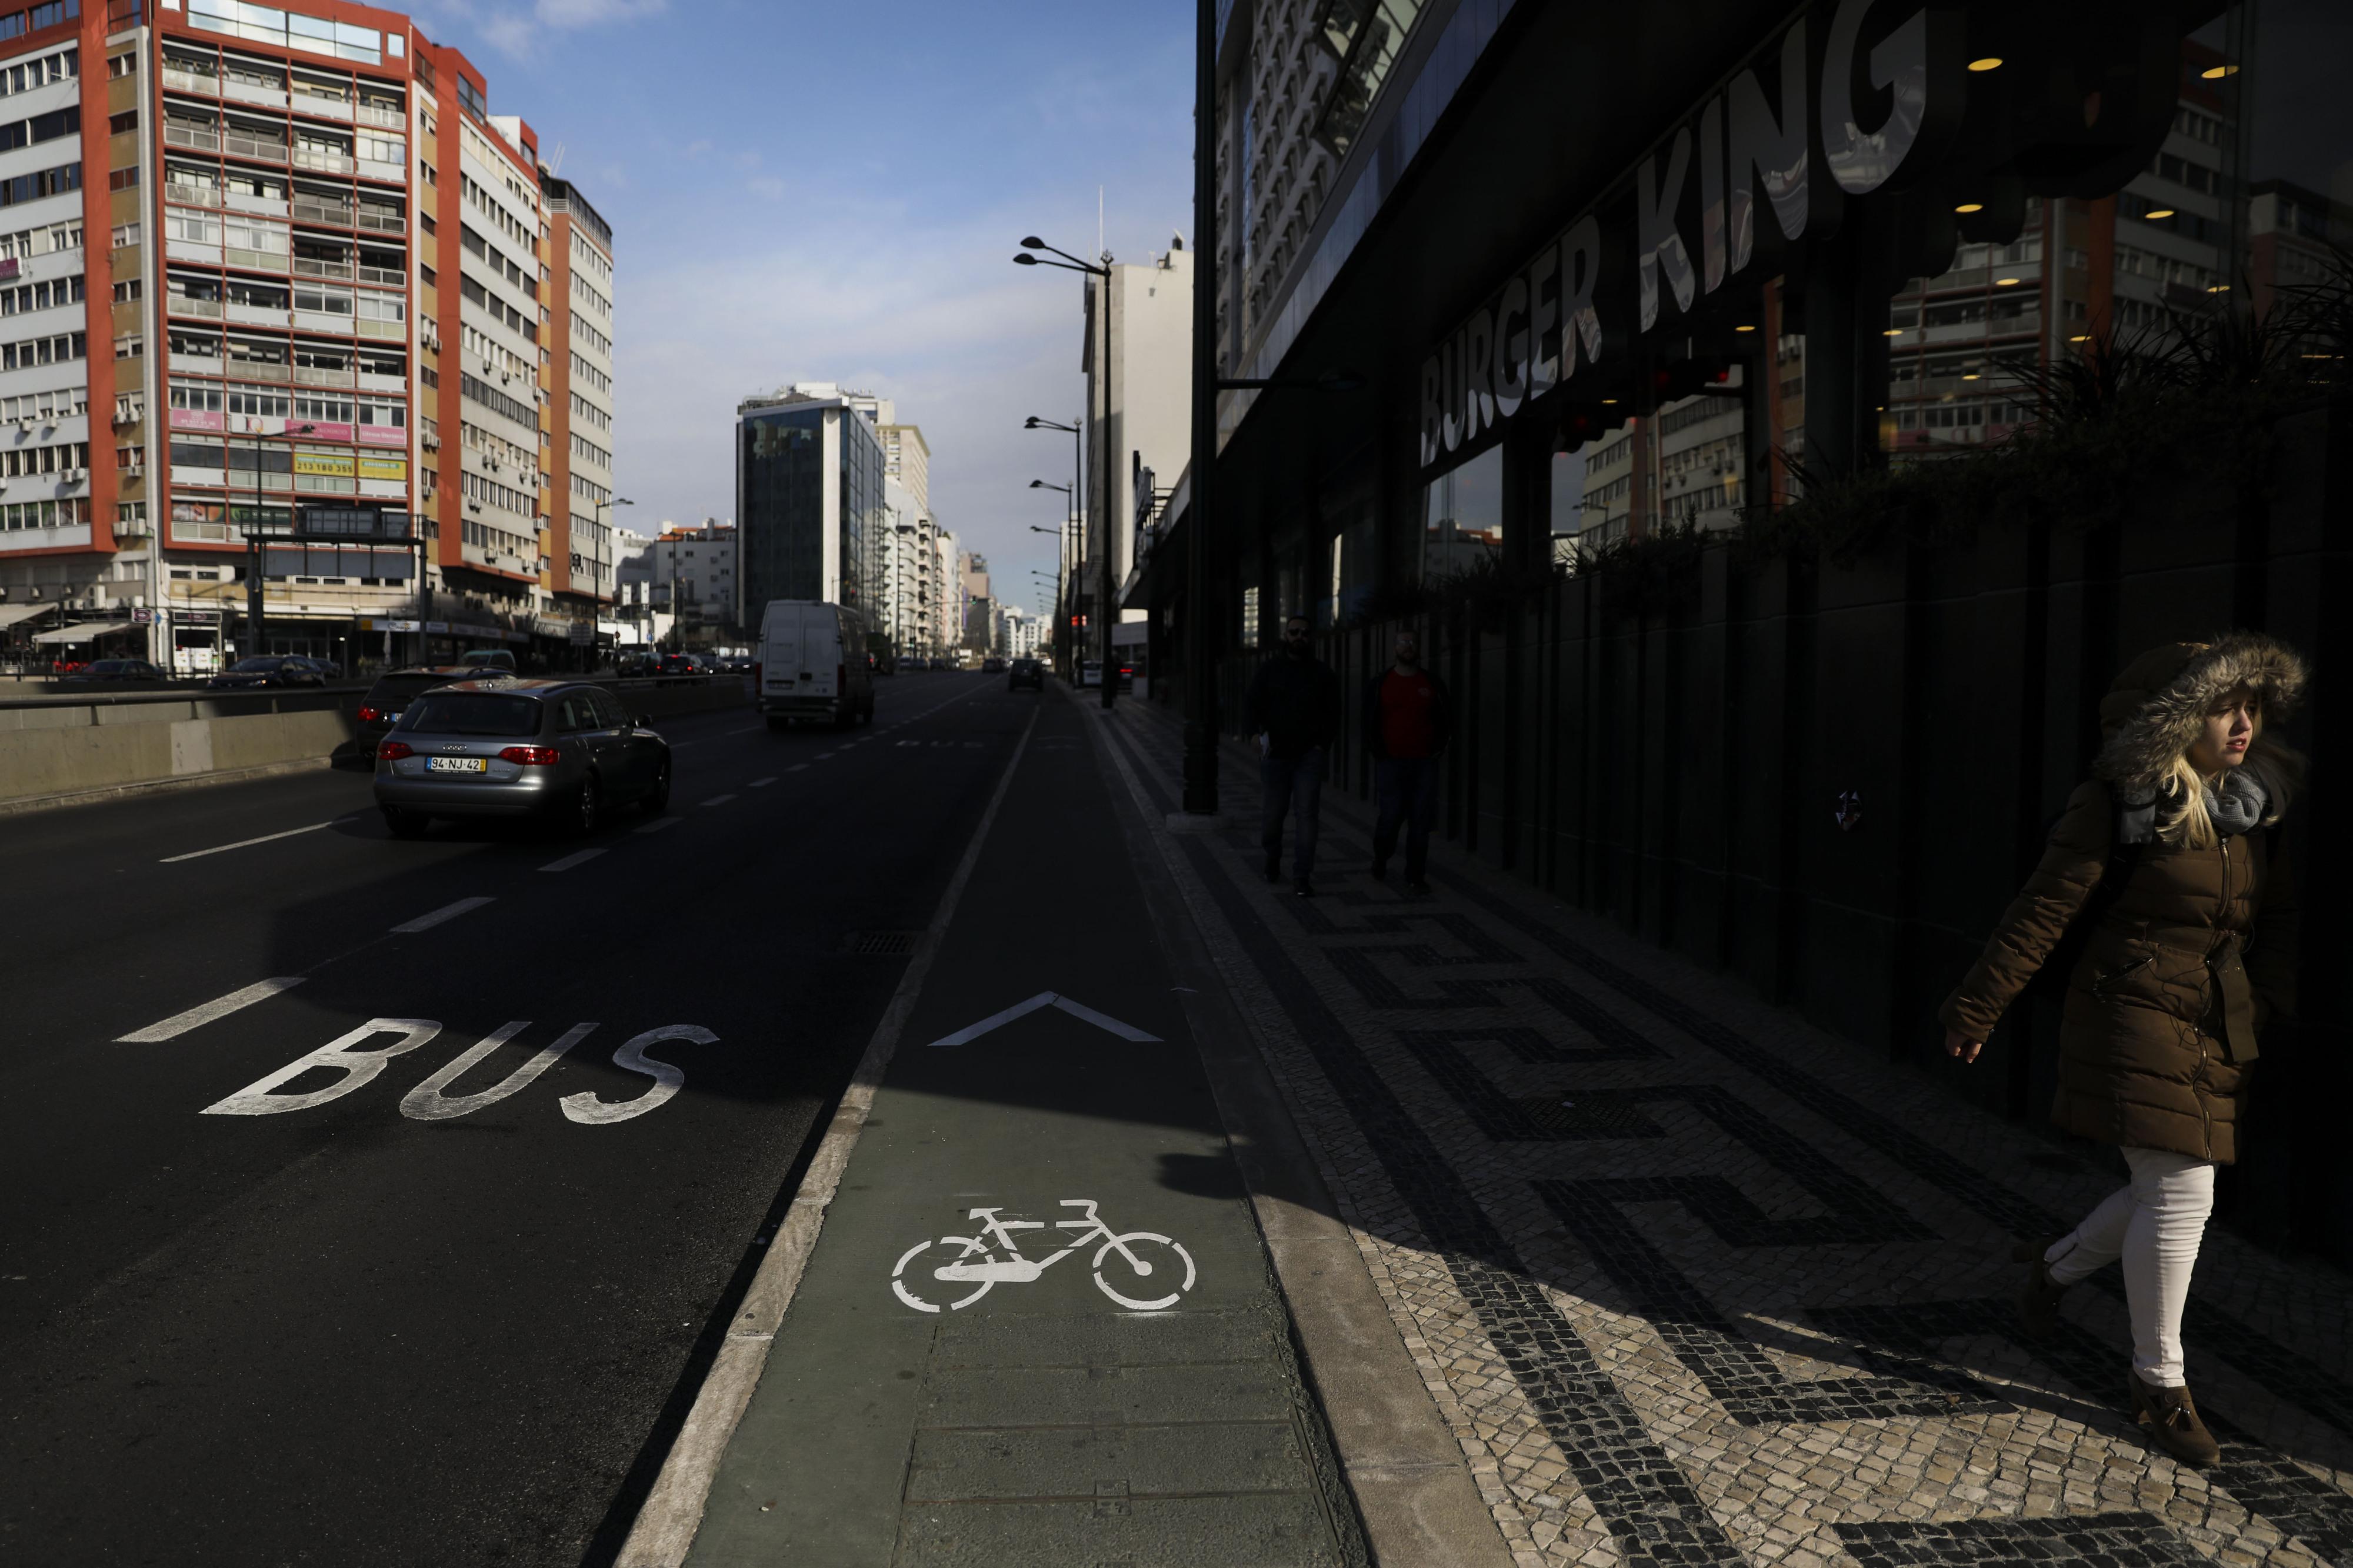 Novas ciclovias e uma grande avenida requalificada. Câmara de Lisboa aprova plano no valor de 27,4 milhões de euros